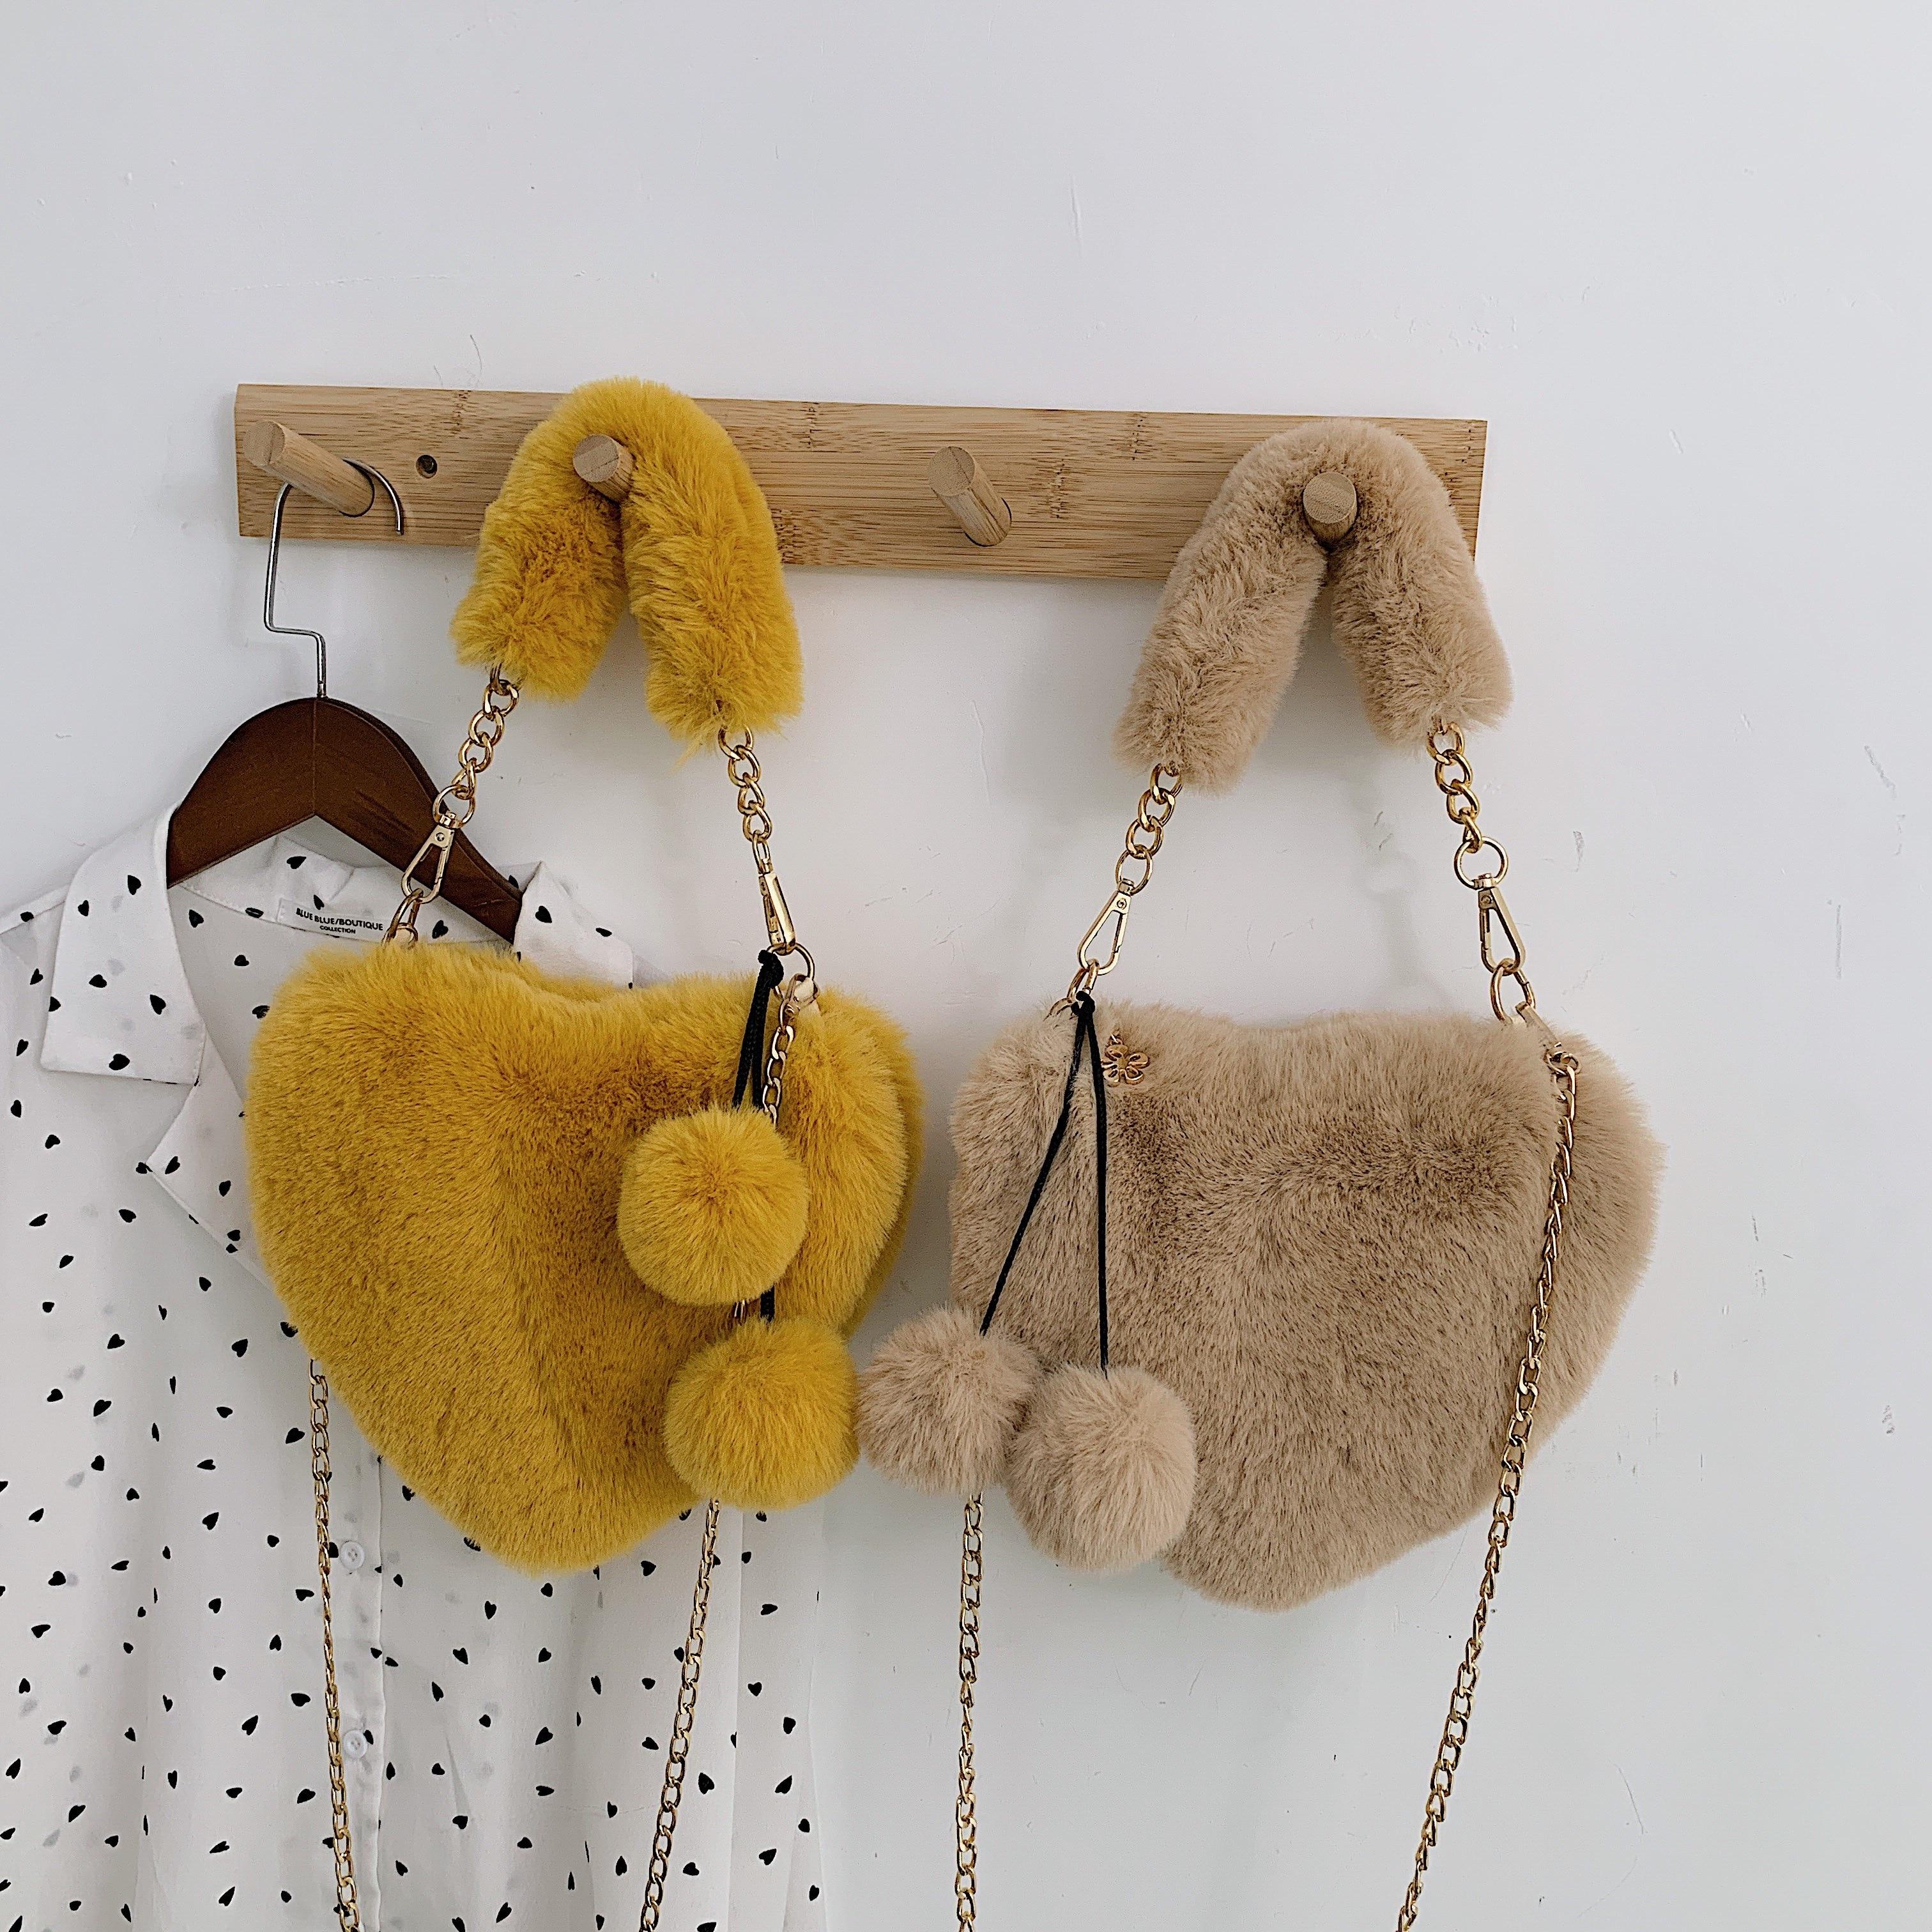 Love Faux Fur Shoulder Bag Hot Pink Plush Handbags In Winter Soft Fur Bag Metal Chain Mini Coin Purse Cute Hand Warmer Clutch